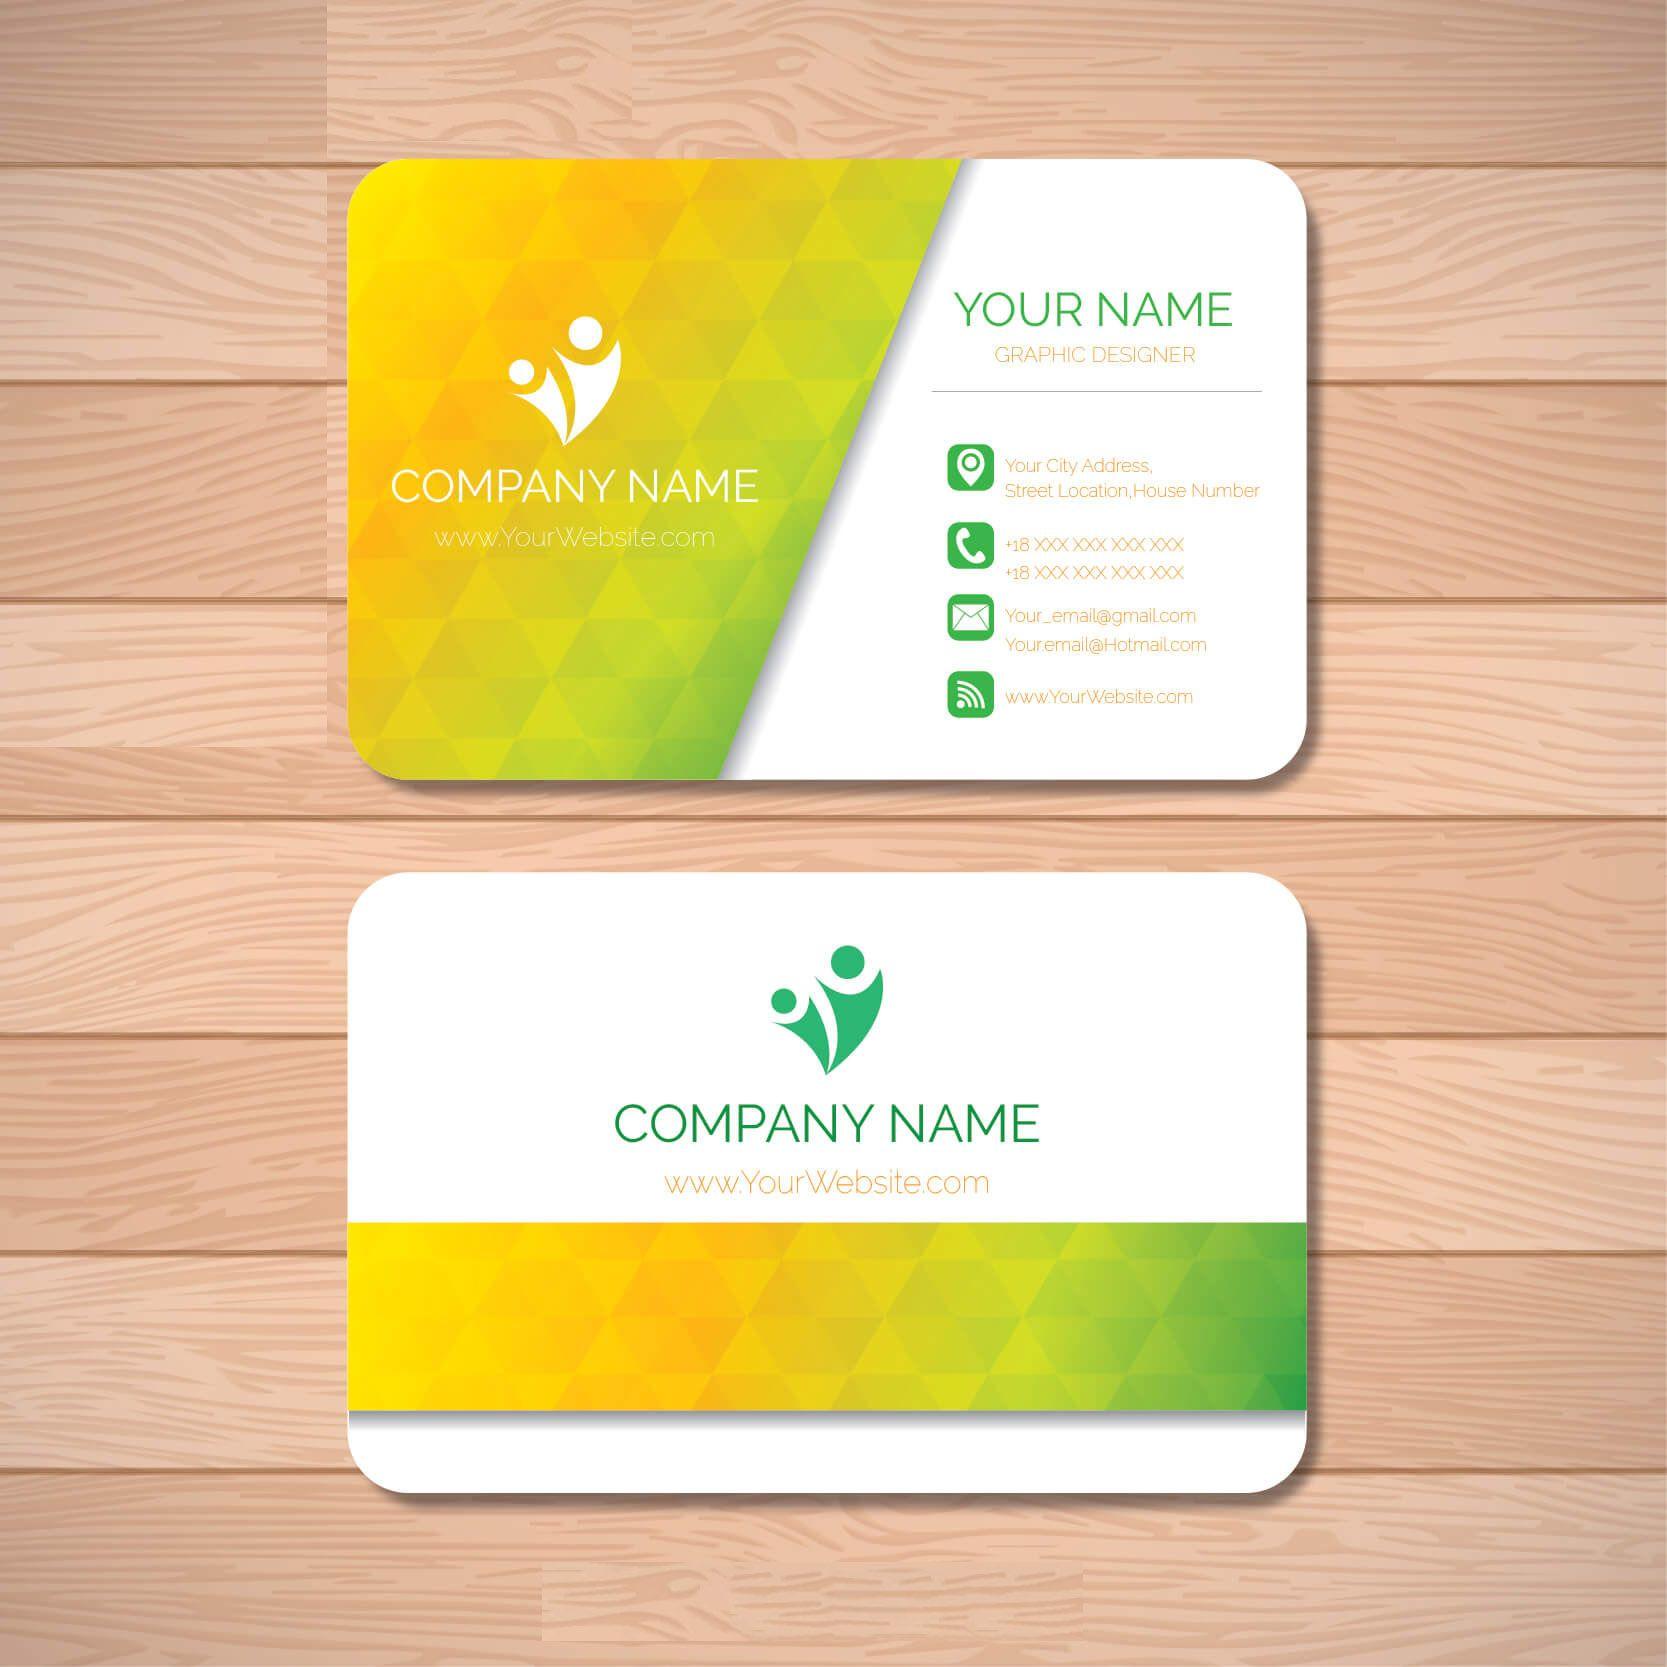 Business card sample design http://49designers.com/portfolio/2/1 ...